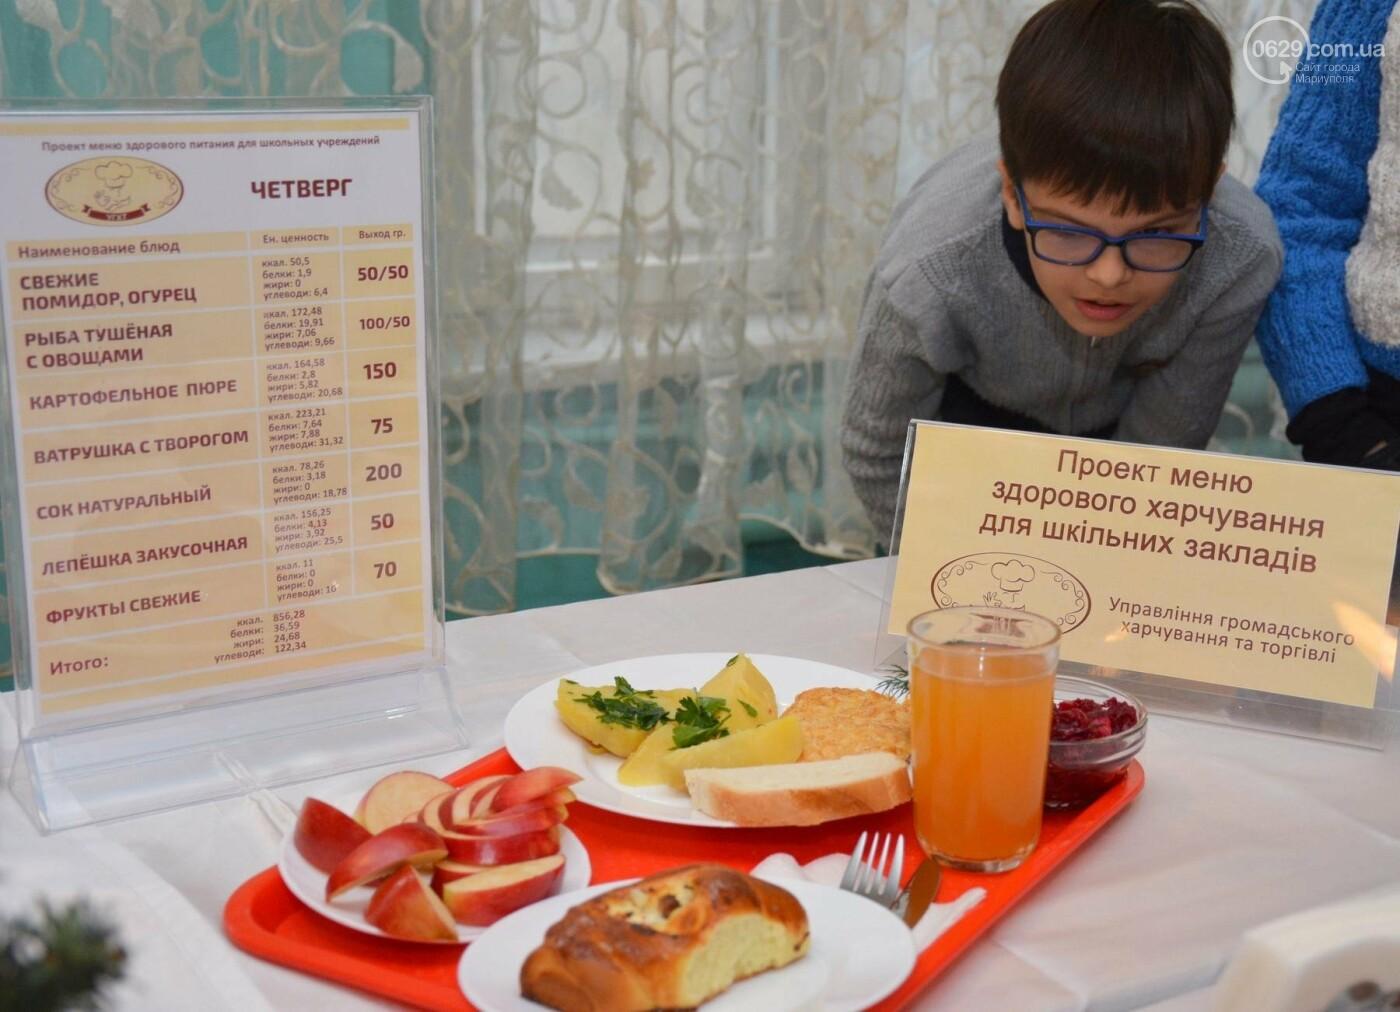 Больше молочных и мясных блюд, свежих овощей и фруктов: в ОШ № 15 представили обновленное меню для школьников., фото-11